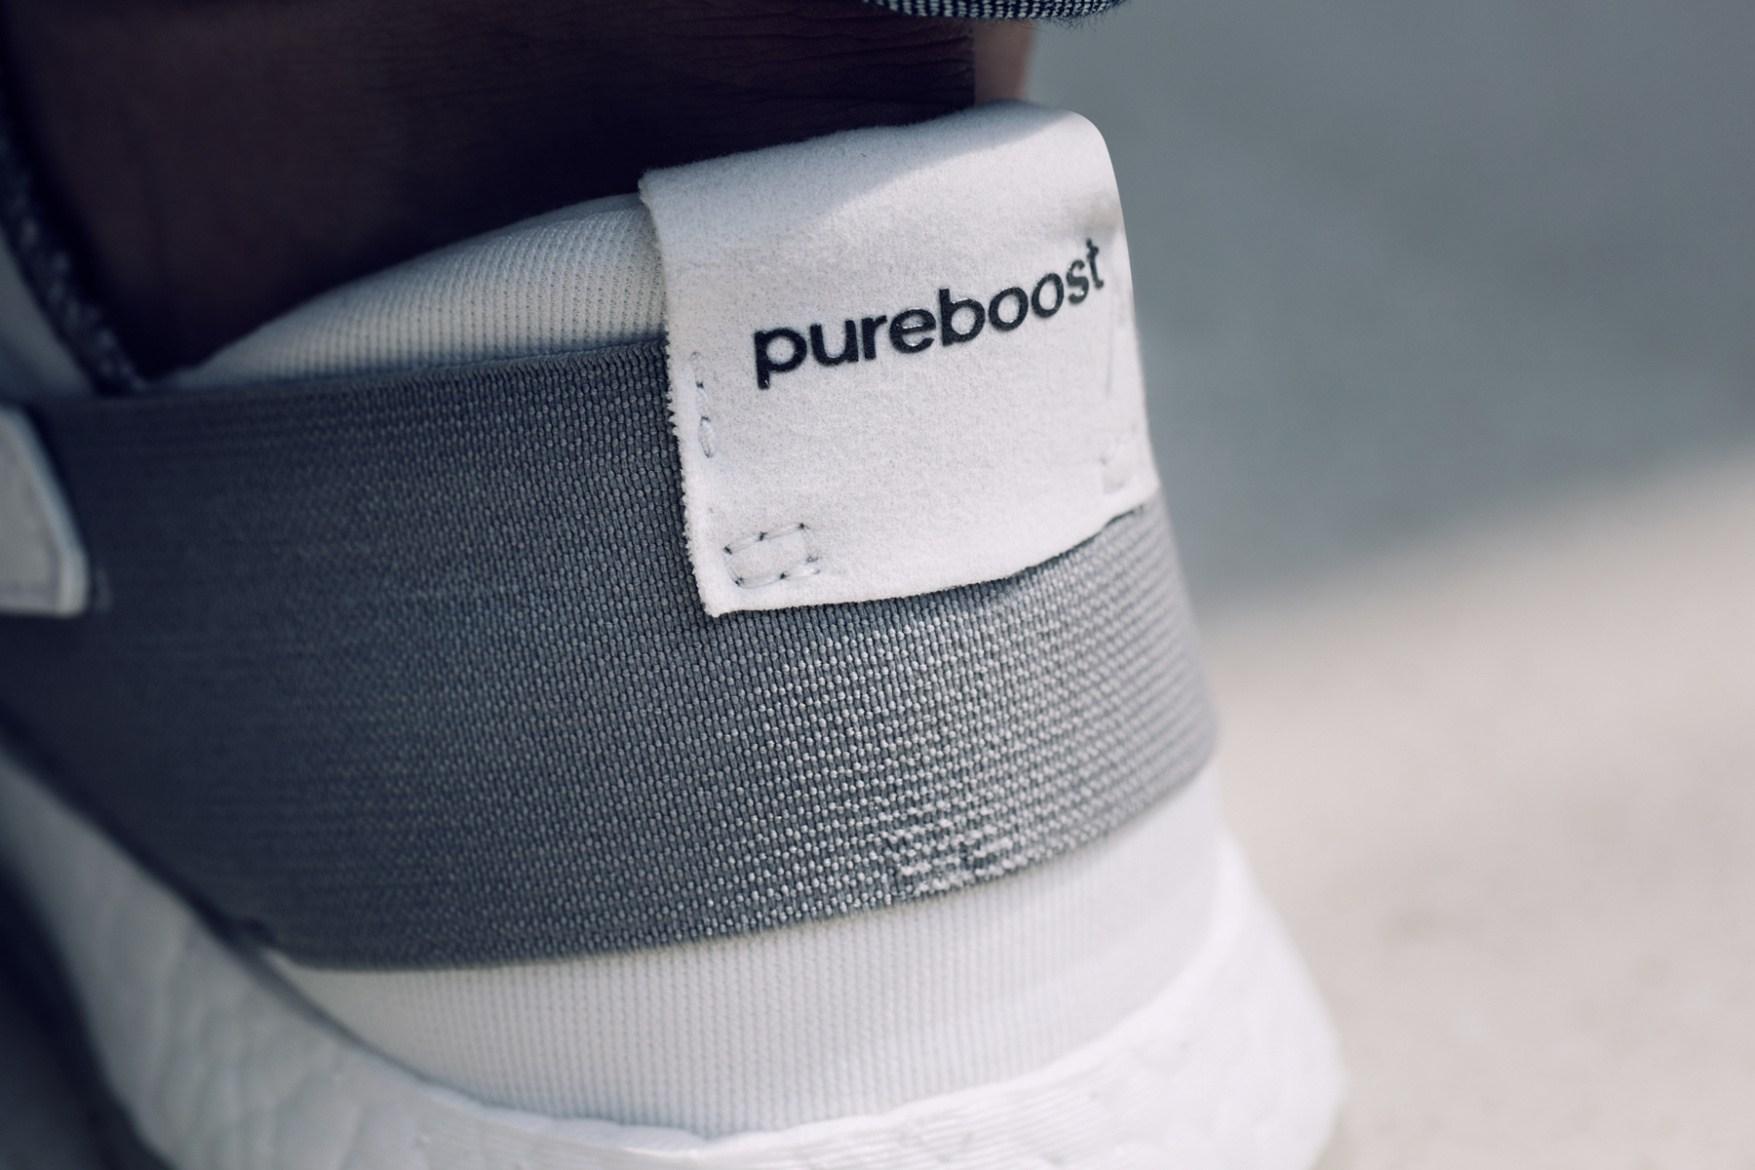 adidas-pureboost-raw-08